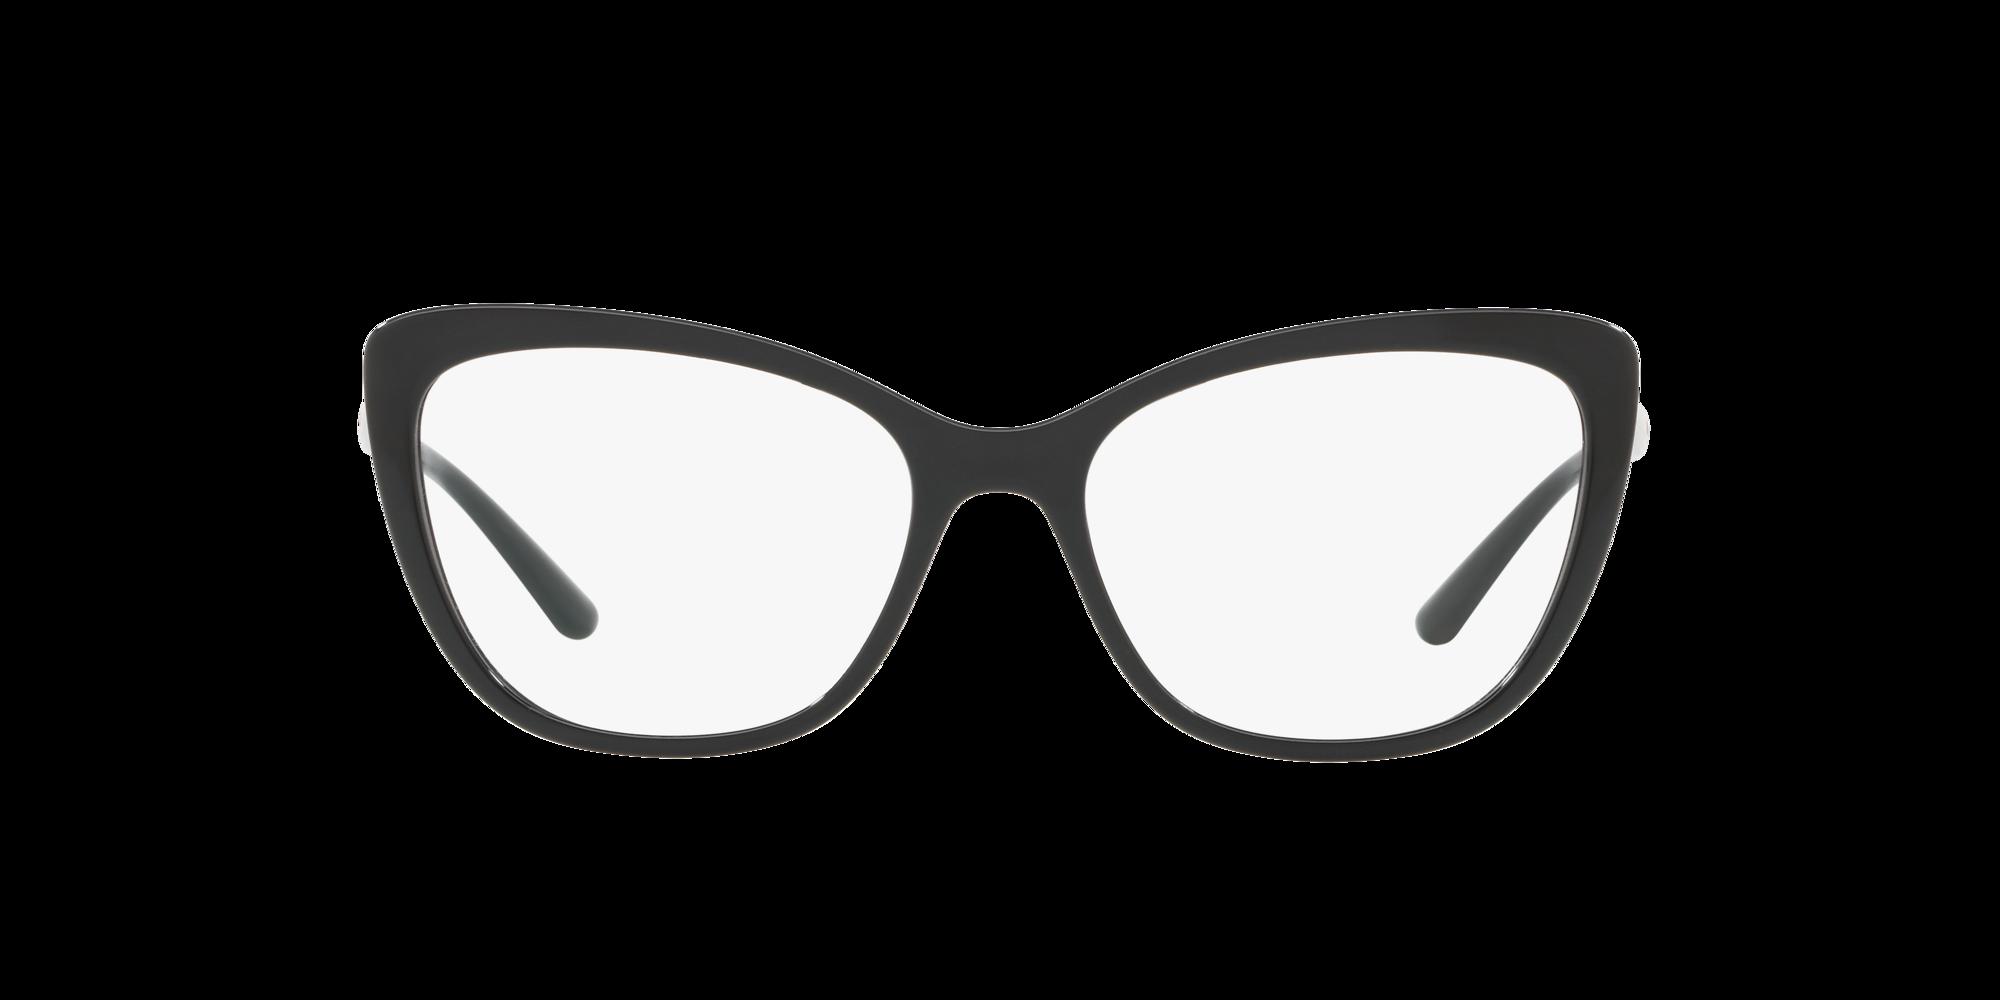 Imagen para DG5039 de LensCrafters |  Espejuelos, espejuelos graduados en línea, gafas